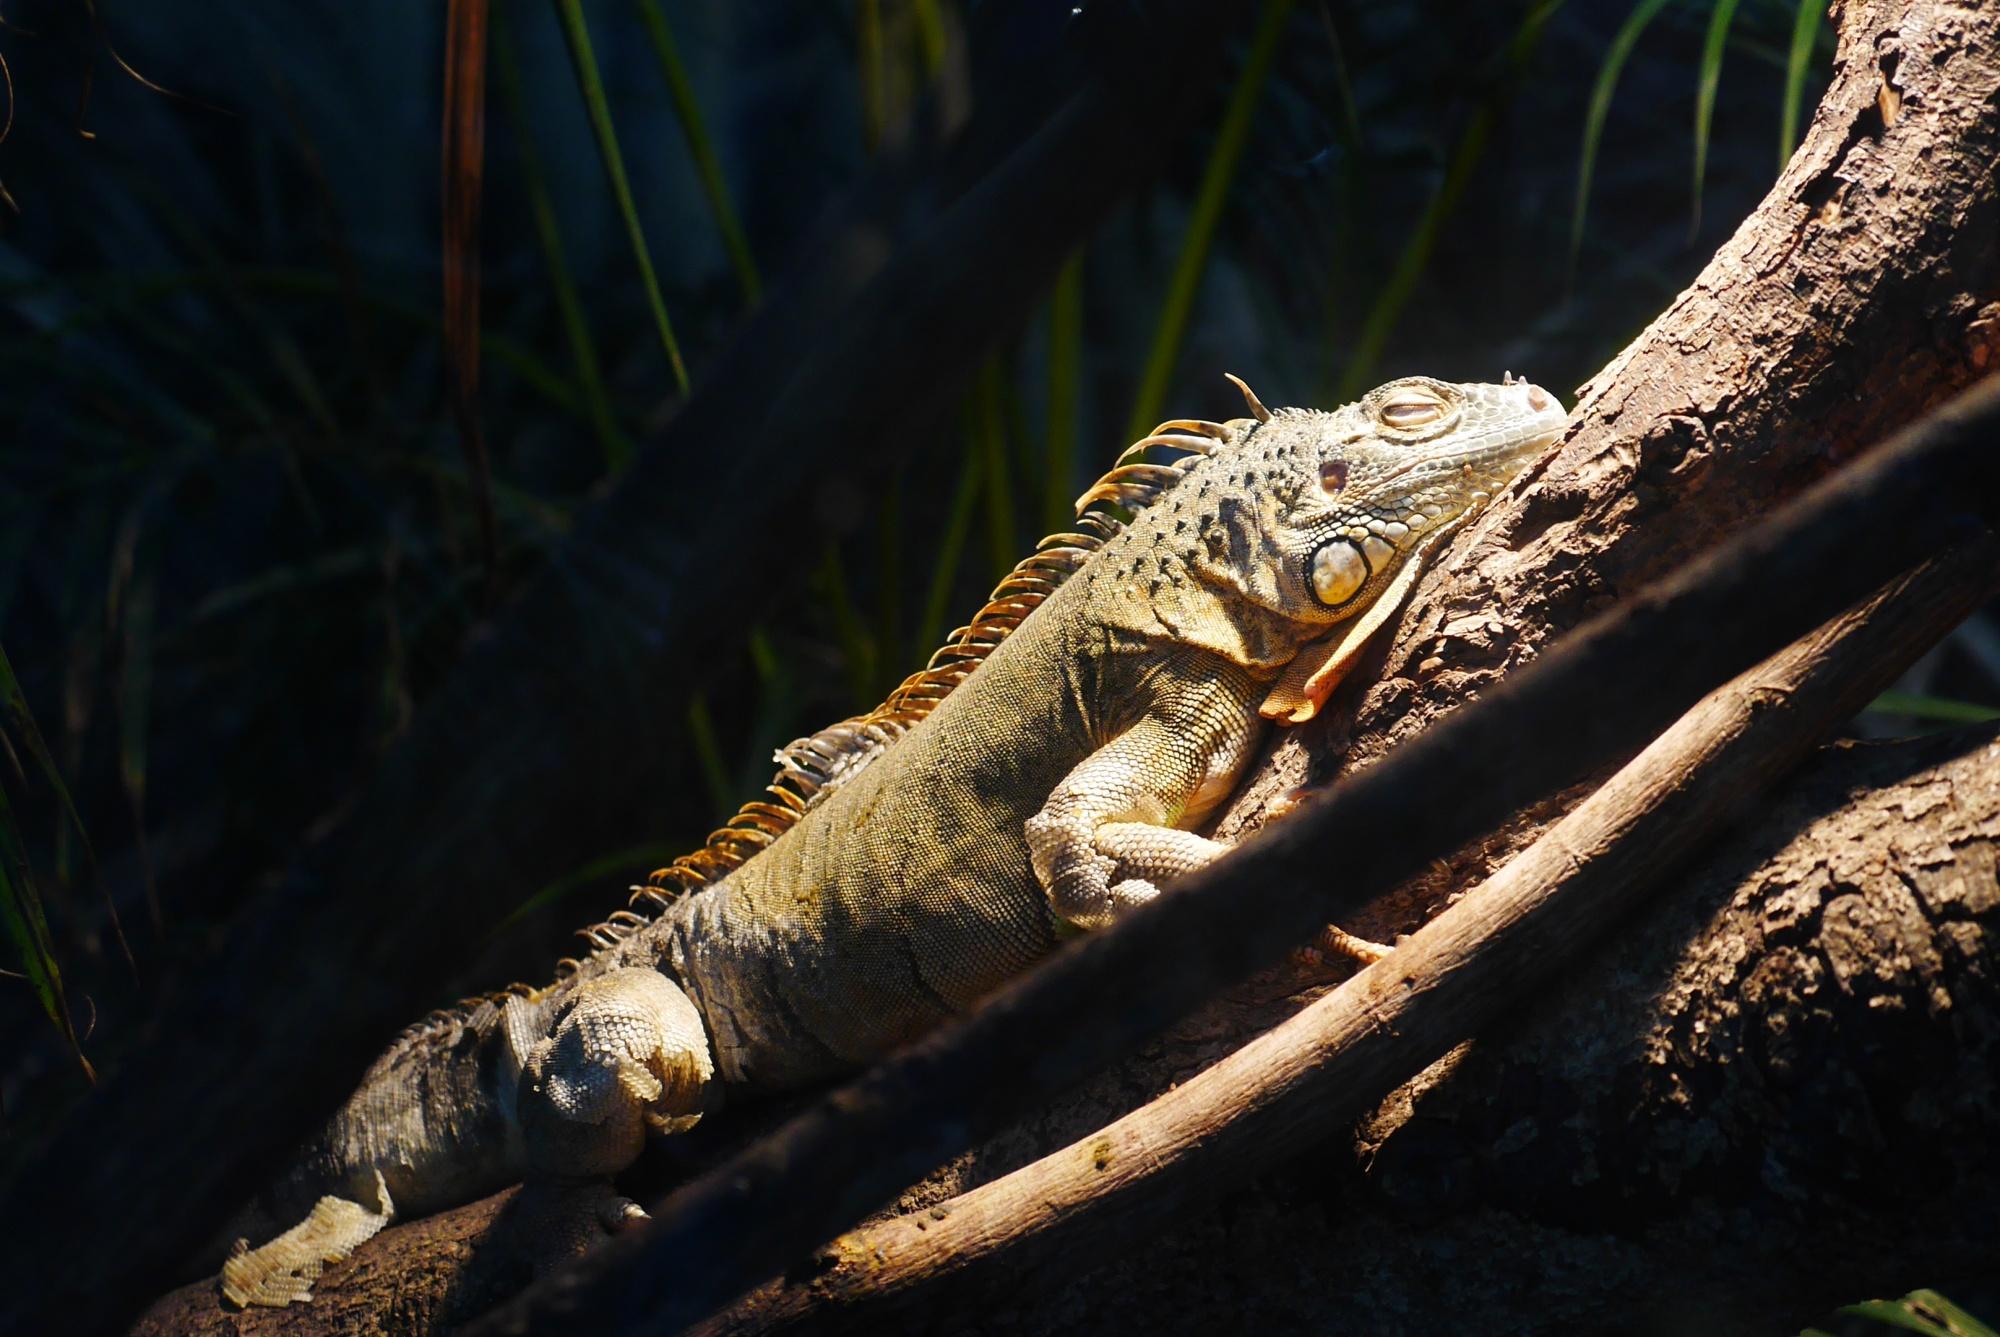 グリーンイグアナ(Green iguana)